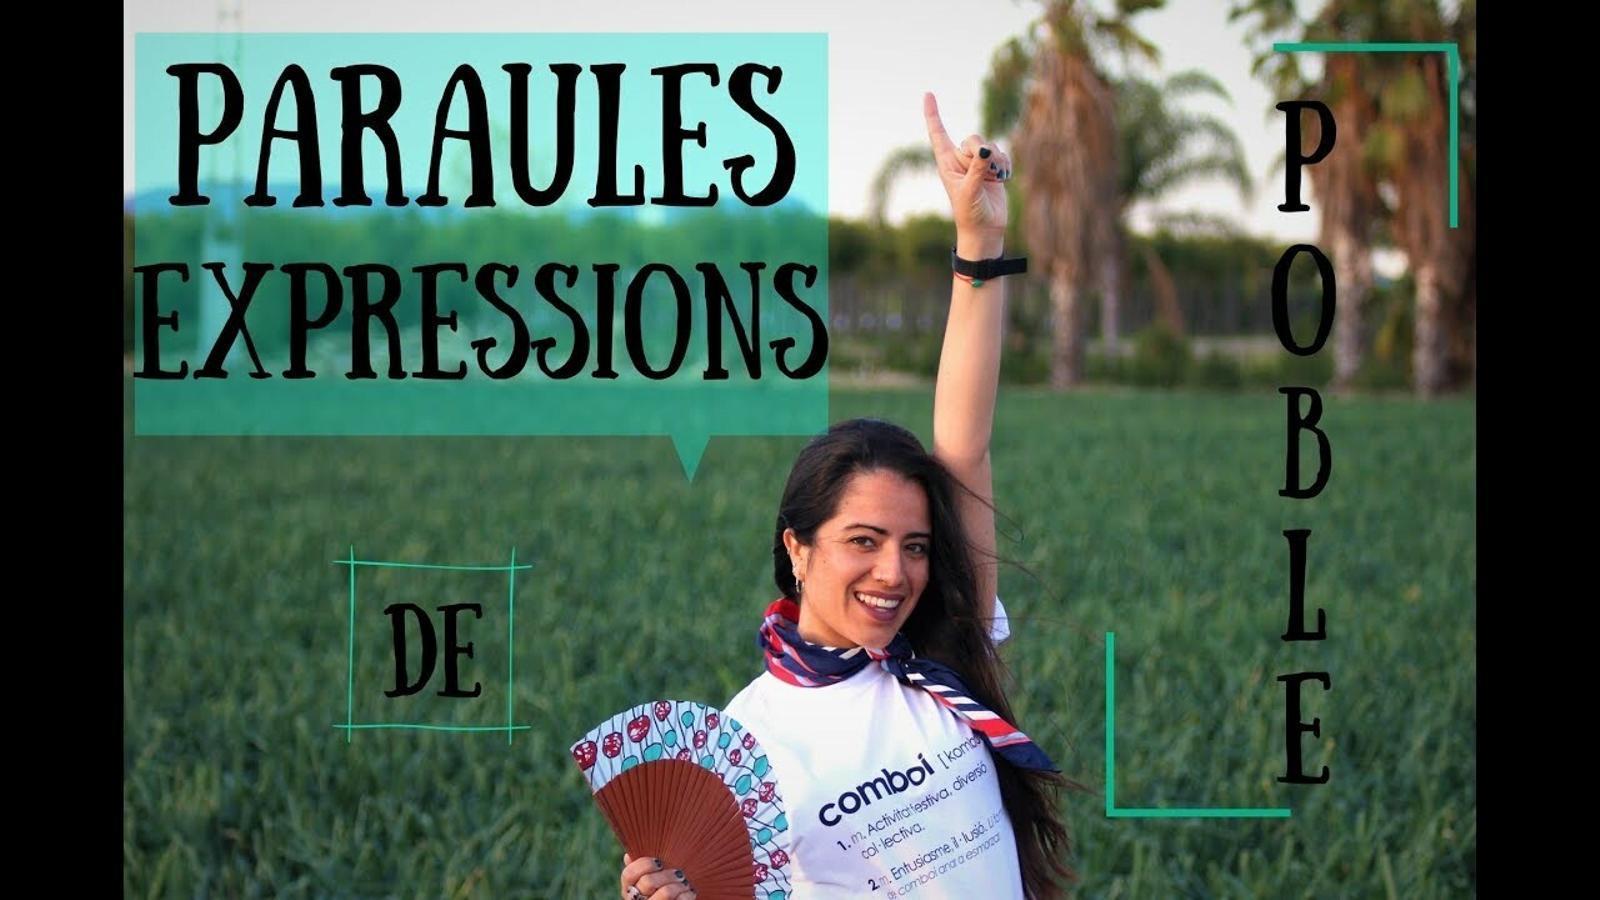 Expressions i paraules de poble de Nerea San Félix